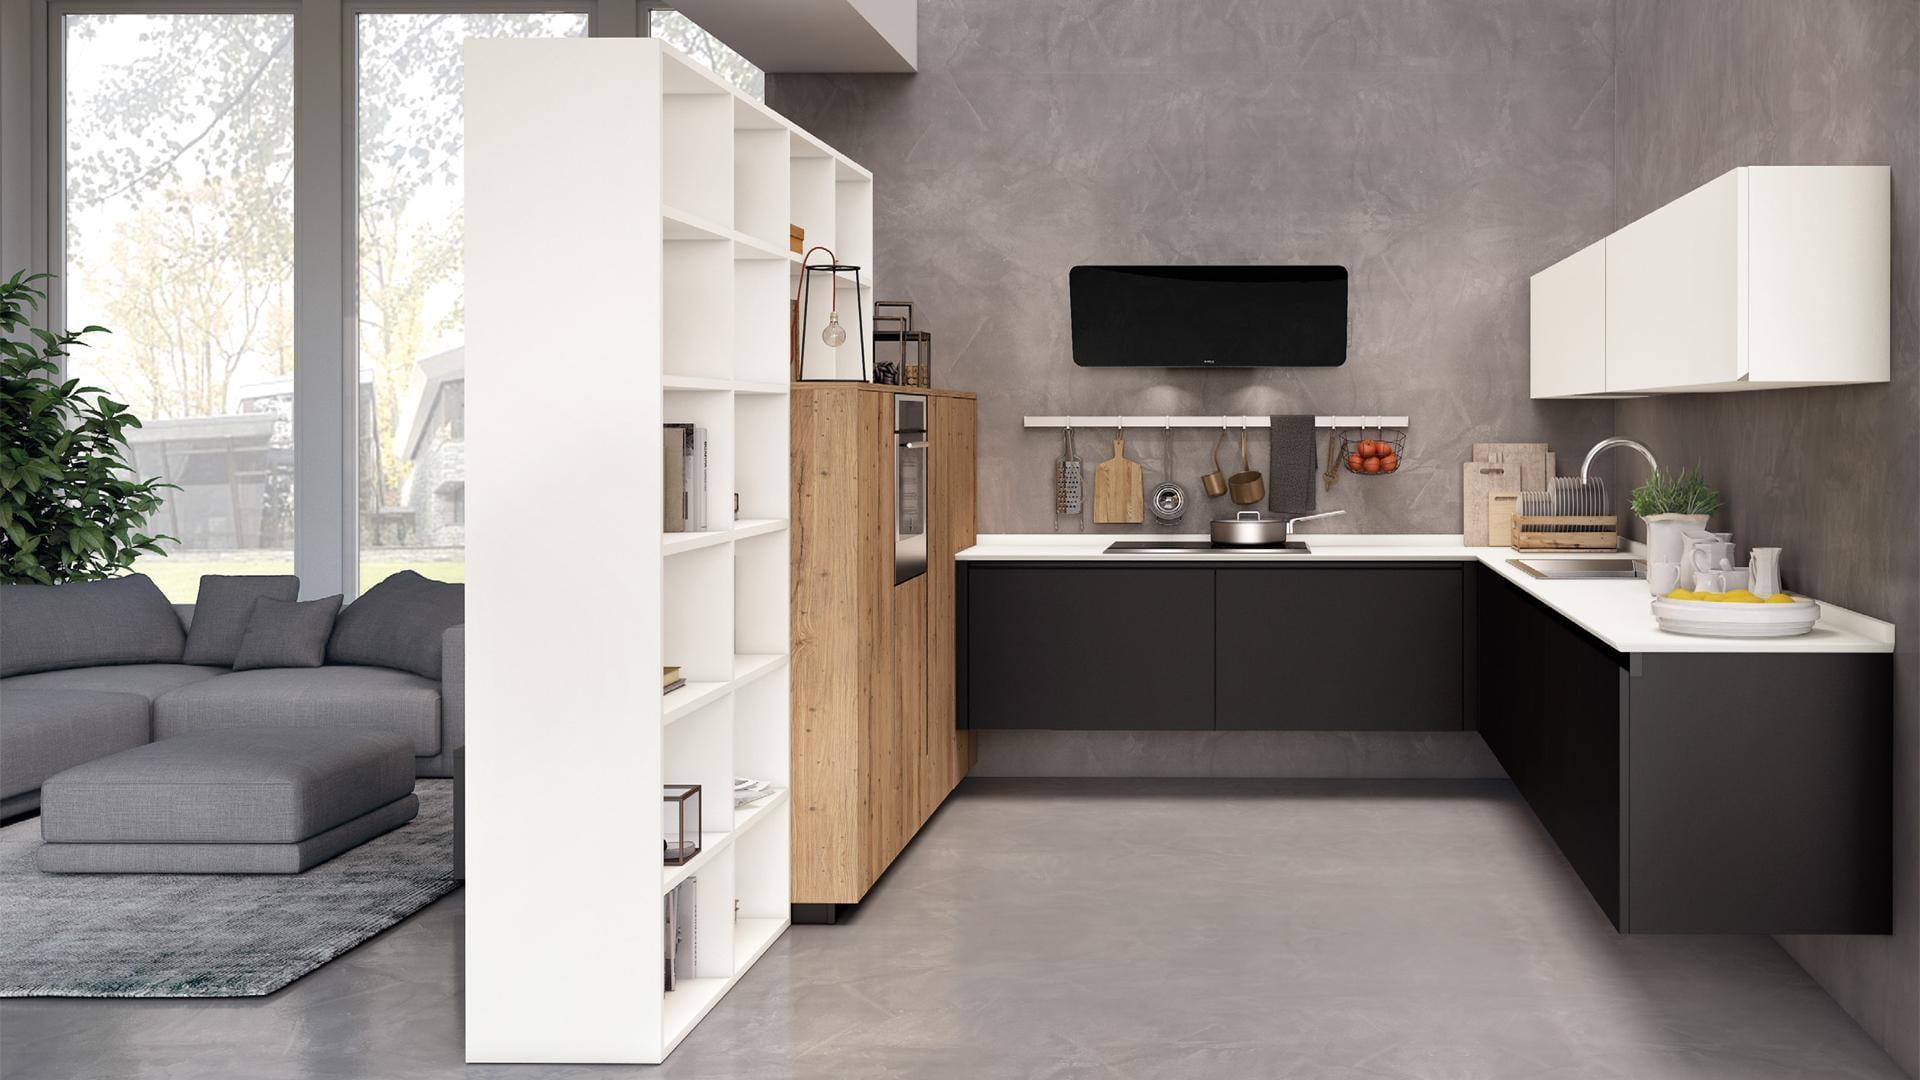 Cucina lube raimondi idee casa for Cucina oltre lube